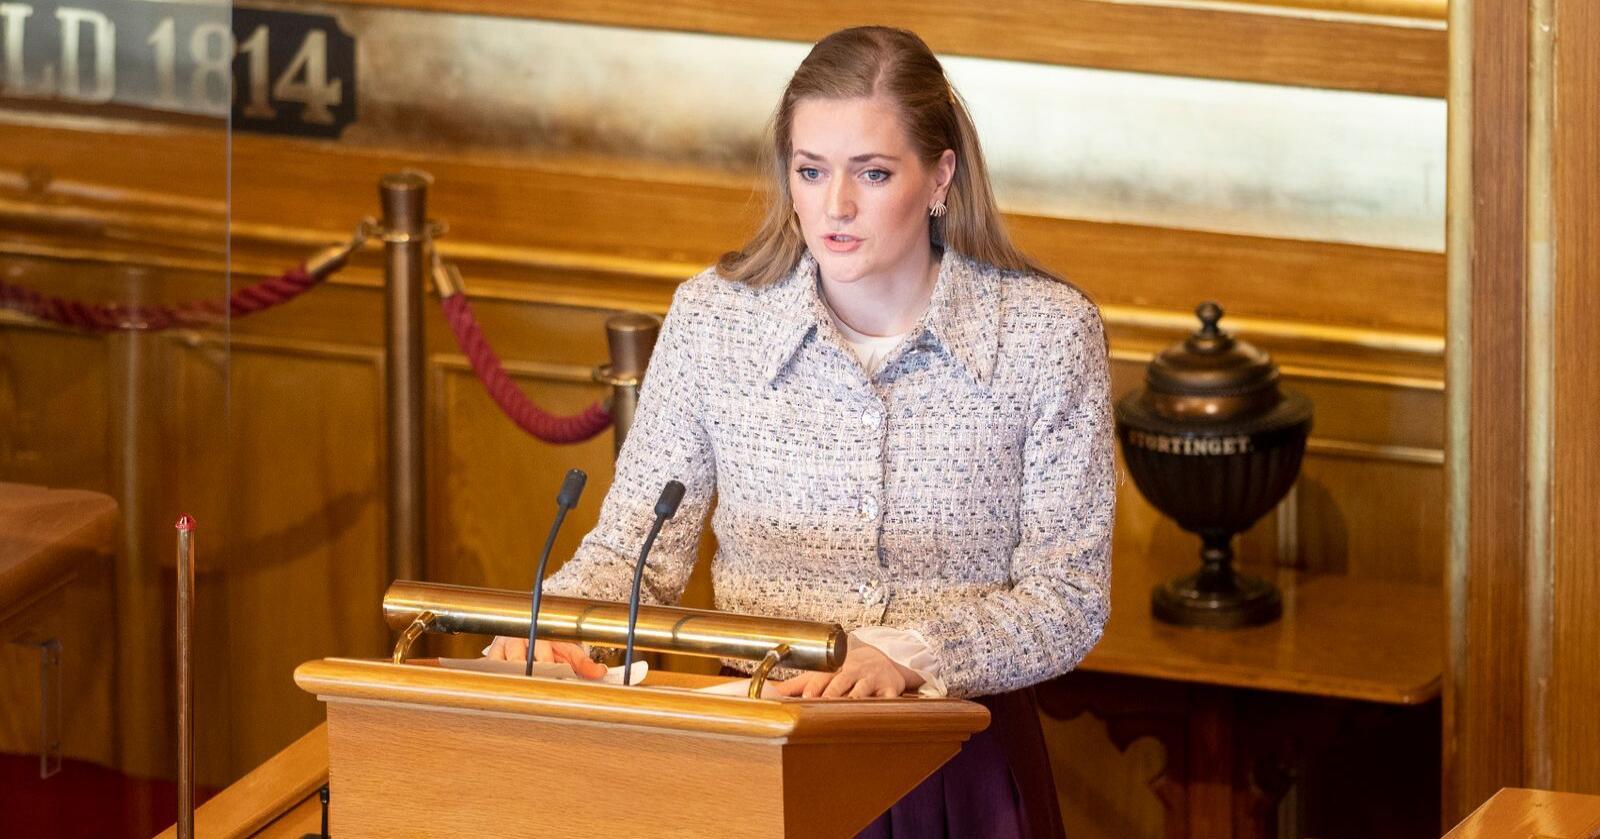 Stortingsrepresentant Emlie Enger Mehl (Sp) vil ha svar på hva regjeringen skal gjøre i etterkant av WWF-dommen i Høyesterett som kom i mars. Foto: Fredrik Hagen / NTB